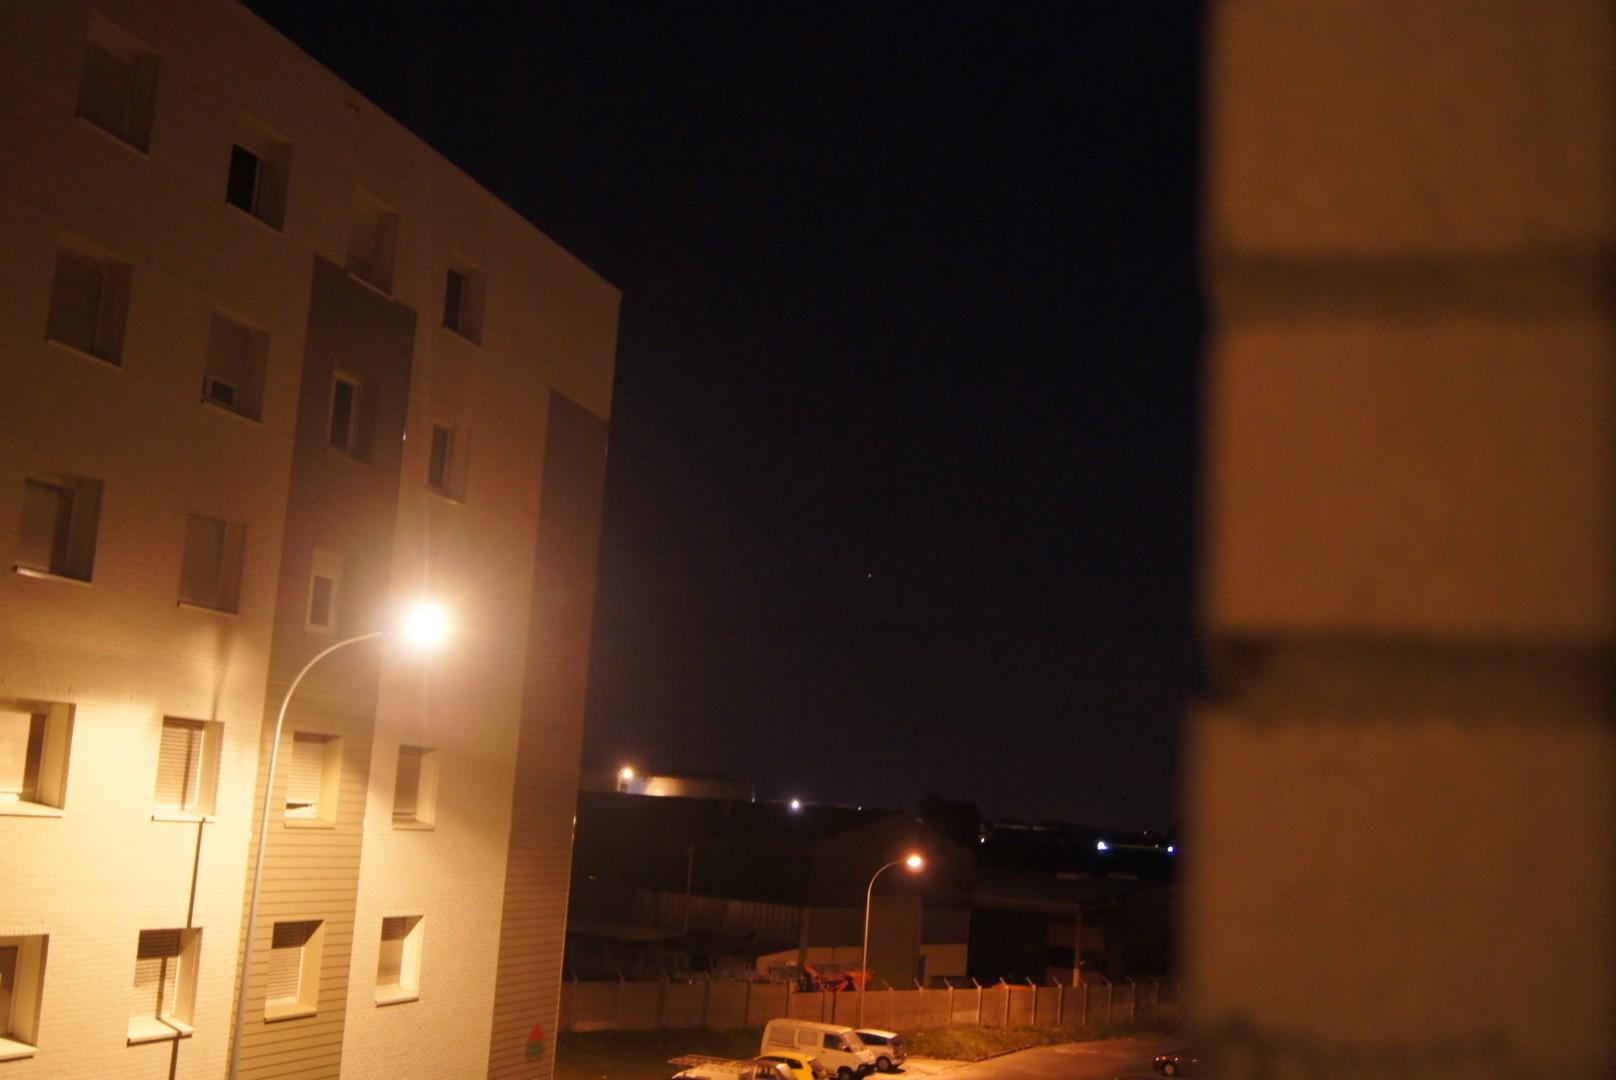 2012: le 01/09 à 21h40 - Lumière étrange dans le ciel  - dunkerque (59)  Dsc04913